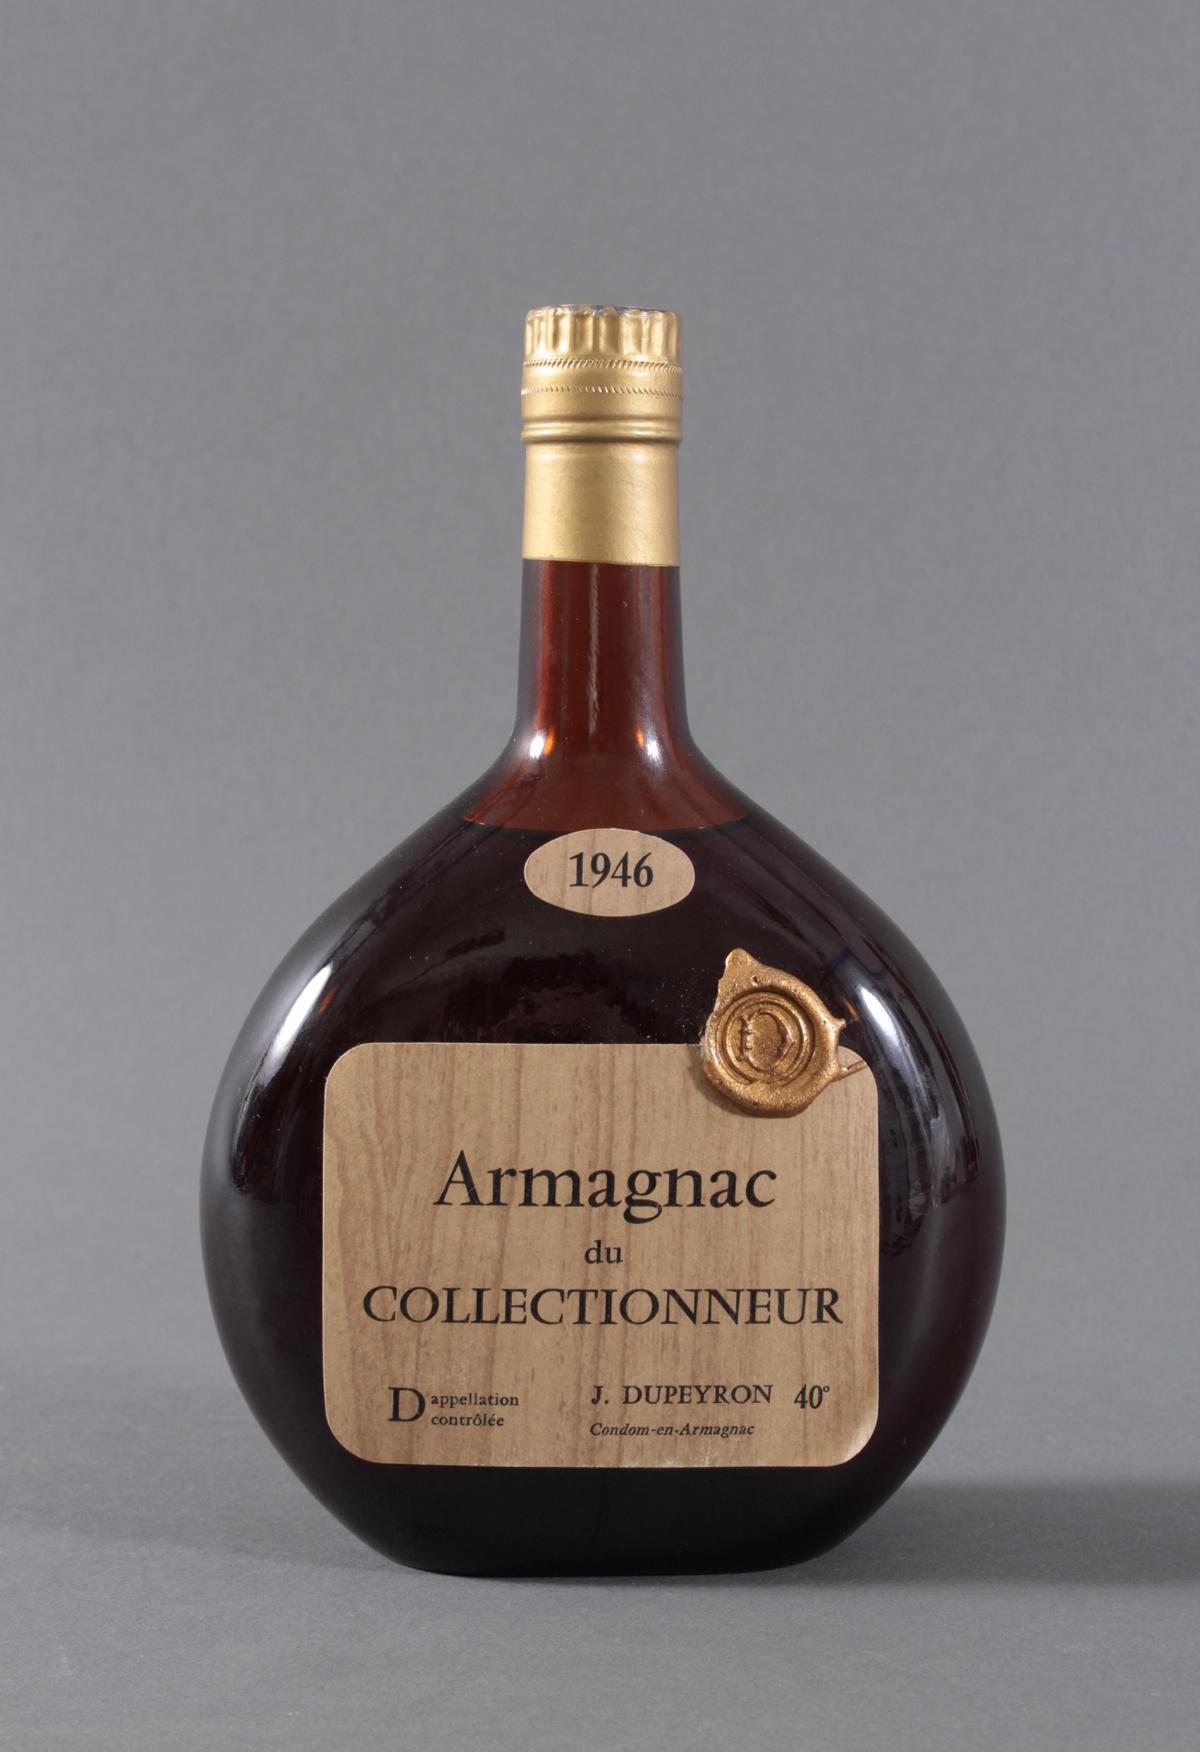 1946er Armagnac du Collectionneur, J. Pupeyron